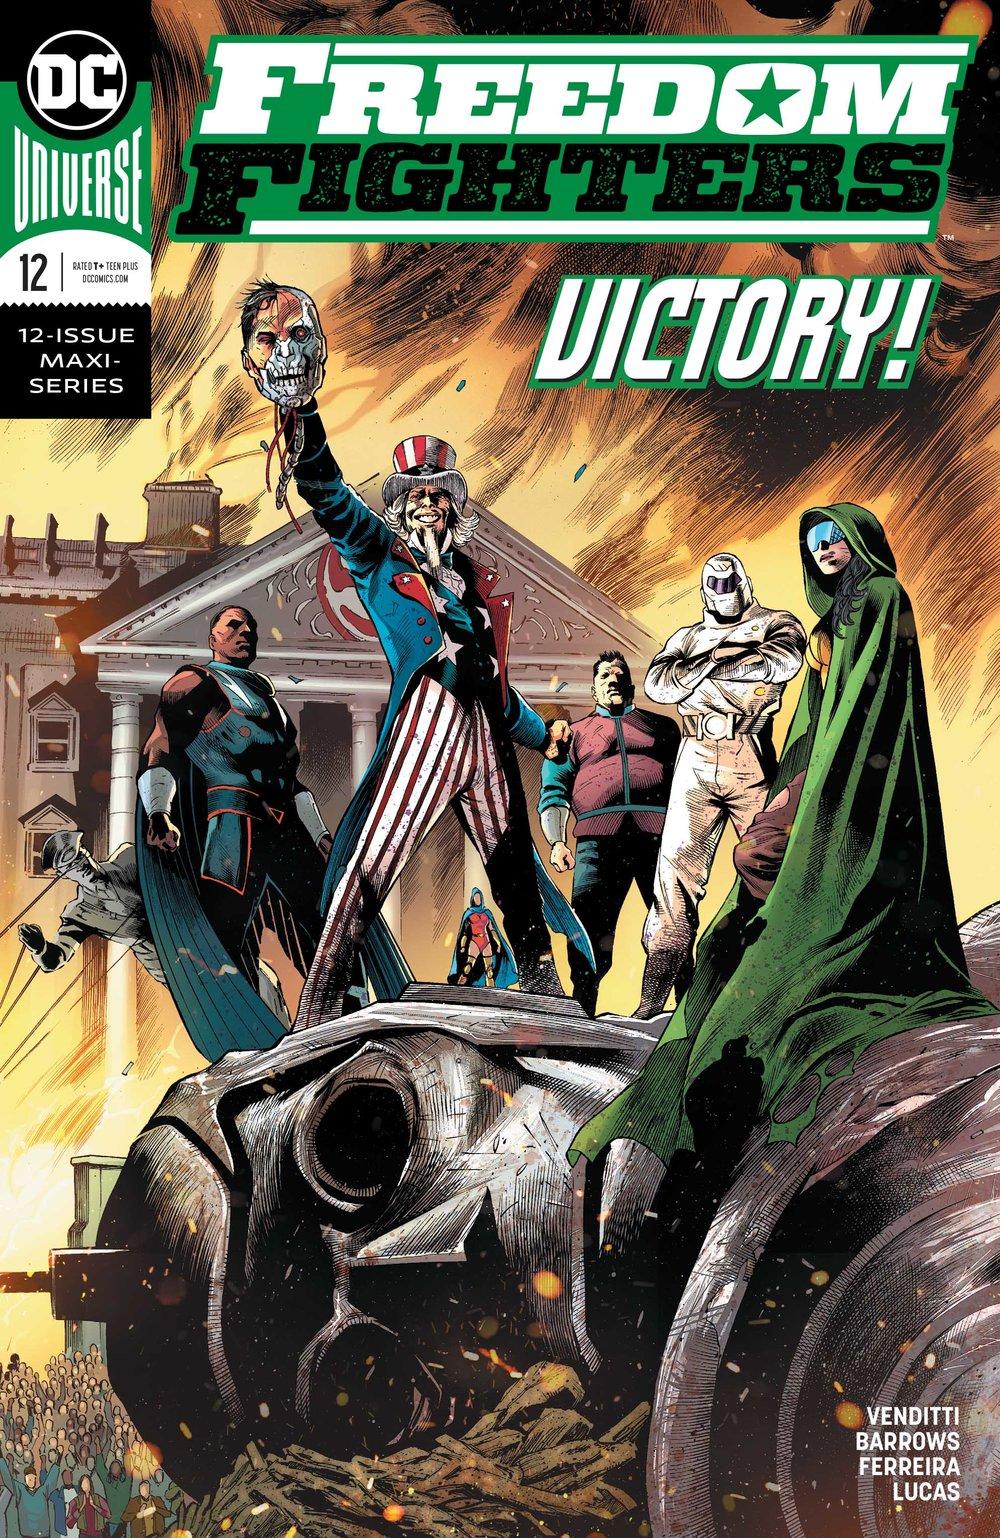 Les comics que vous lisez en ce moment - Page 5 E278aadadac29a2a2d54724e3808a15008df8eba